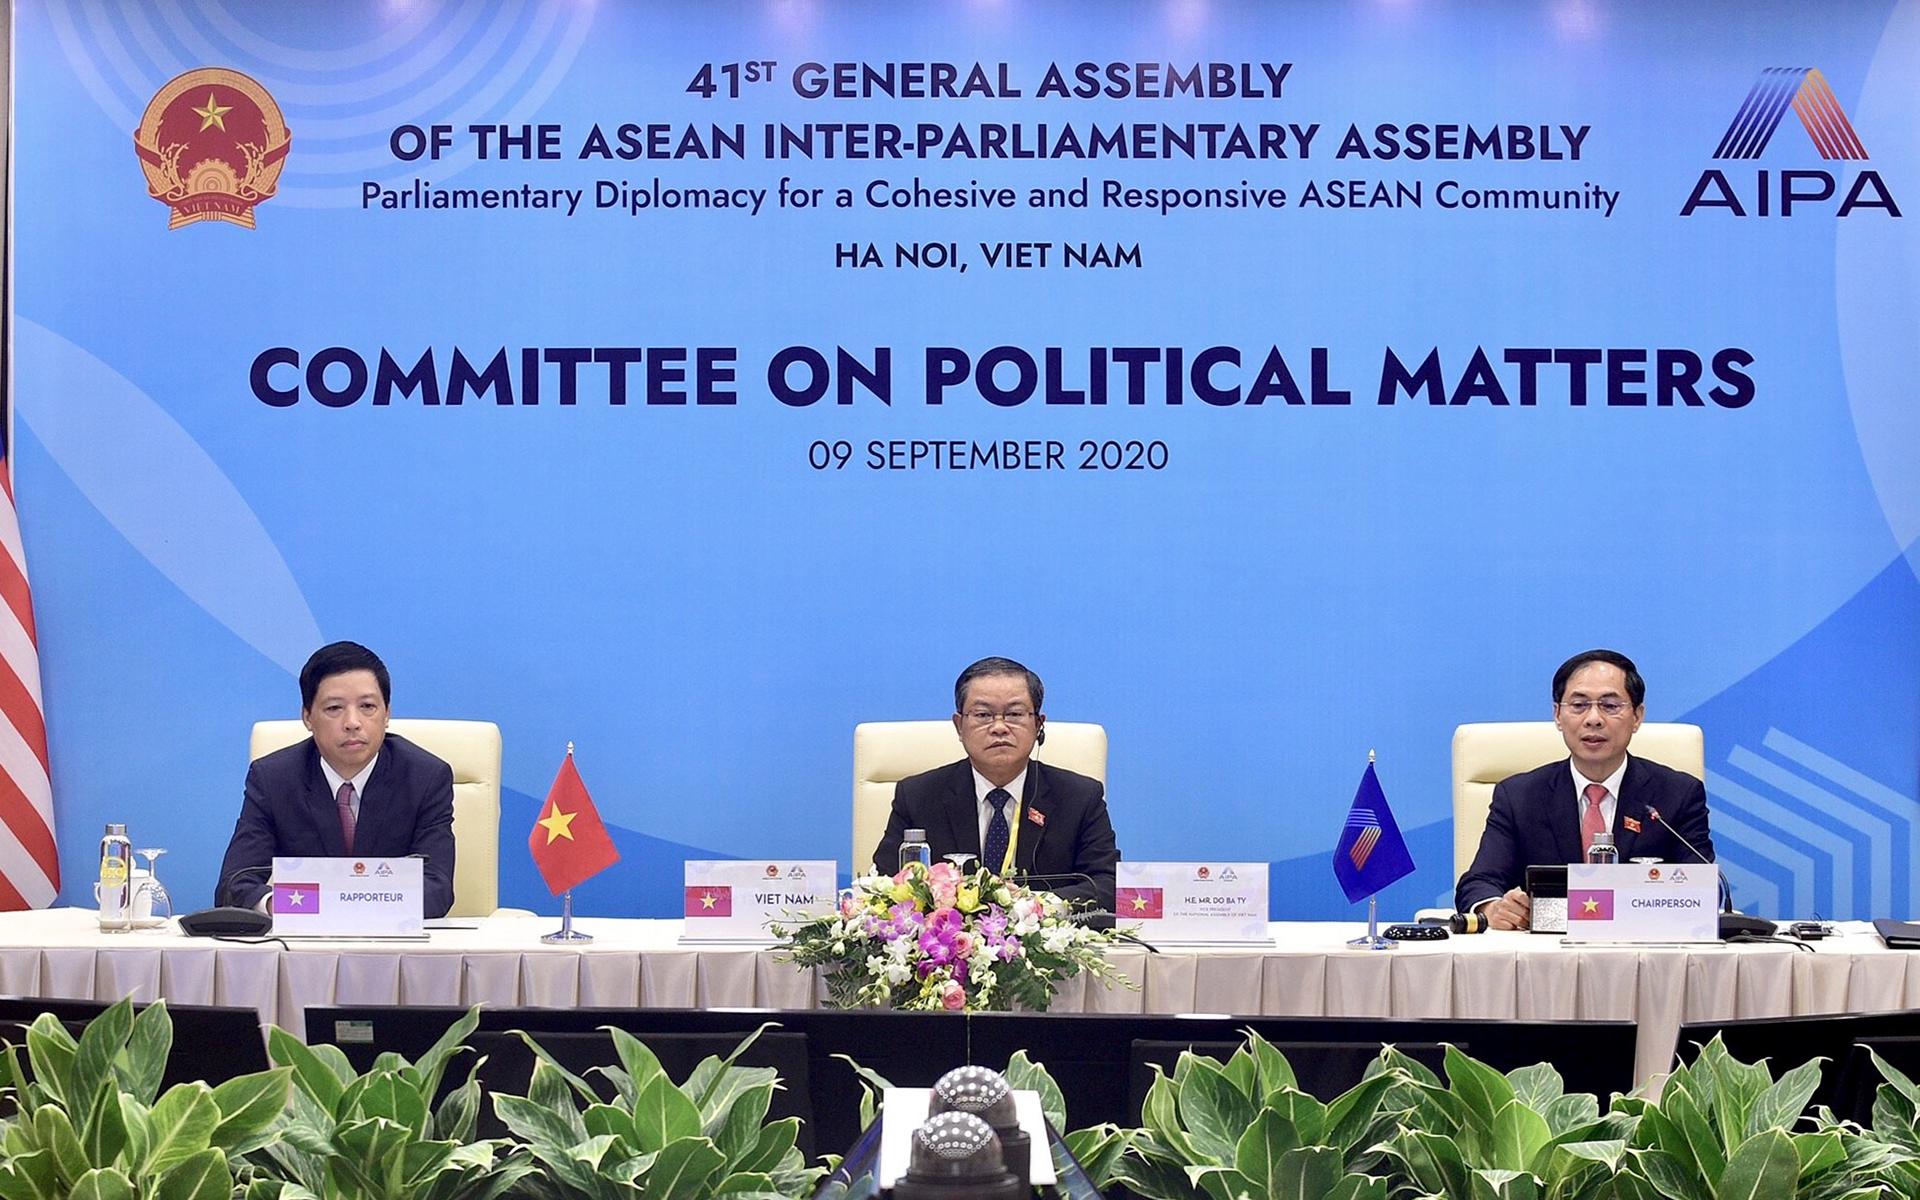 Đại hội đồng AIPA 41 và dấu ấn Quốc hội Việt Nam - 7